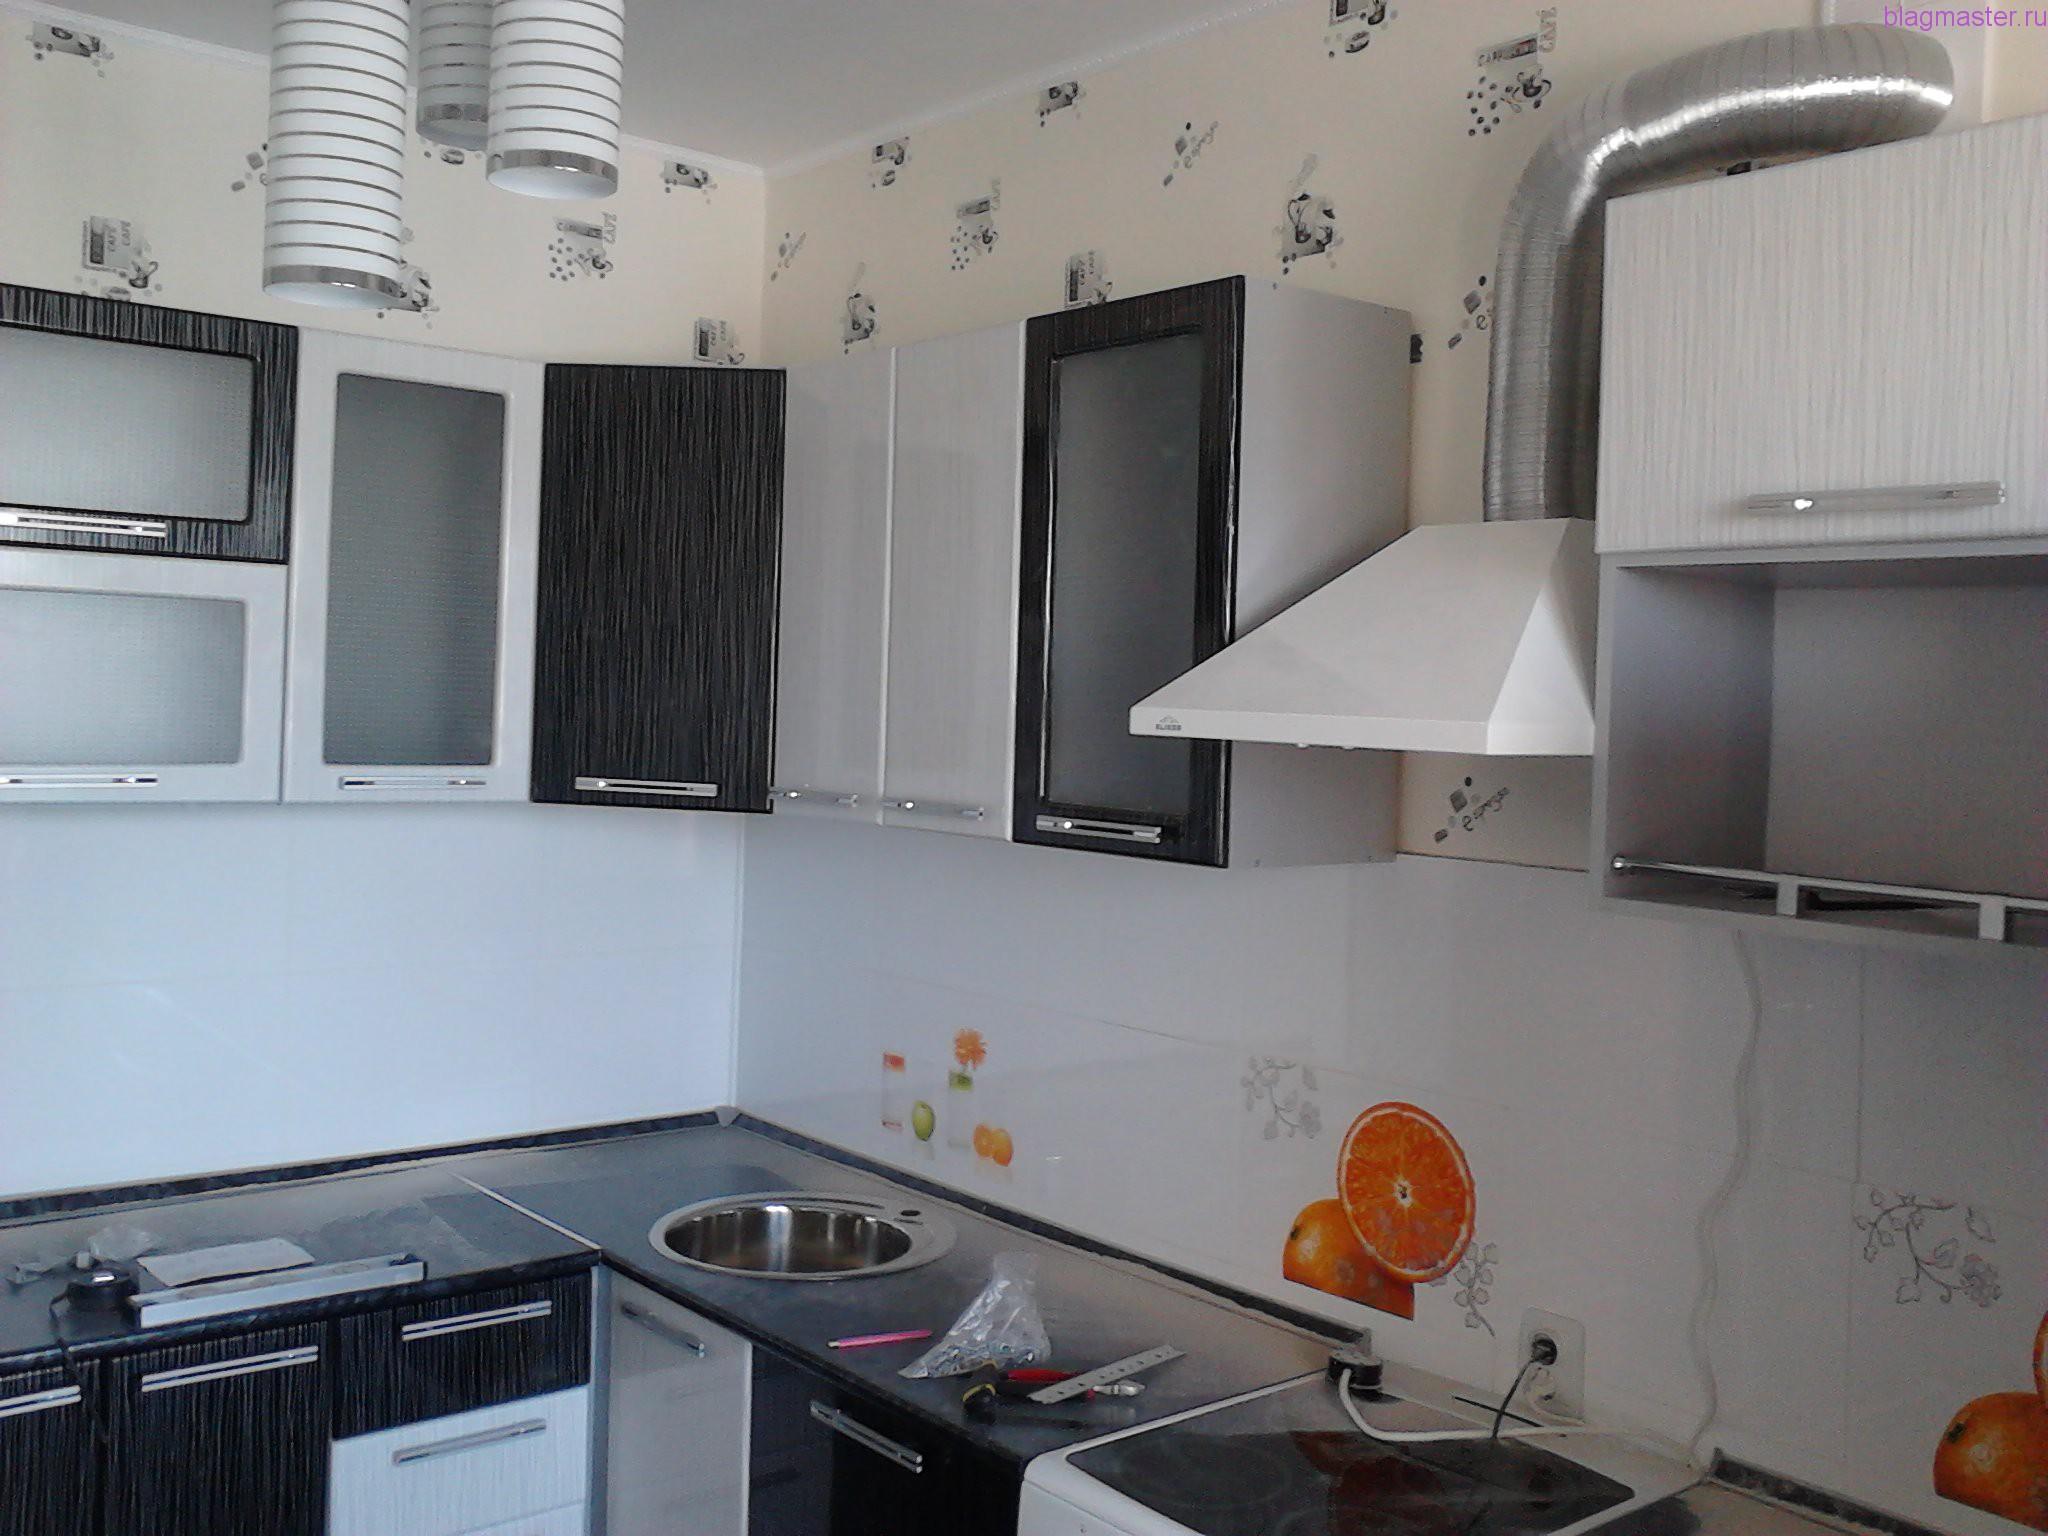 Установка и крепление кухонного гарнитура